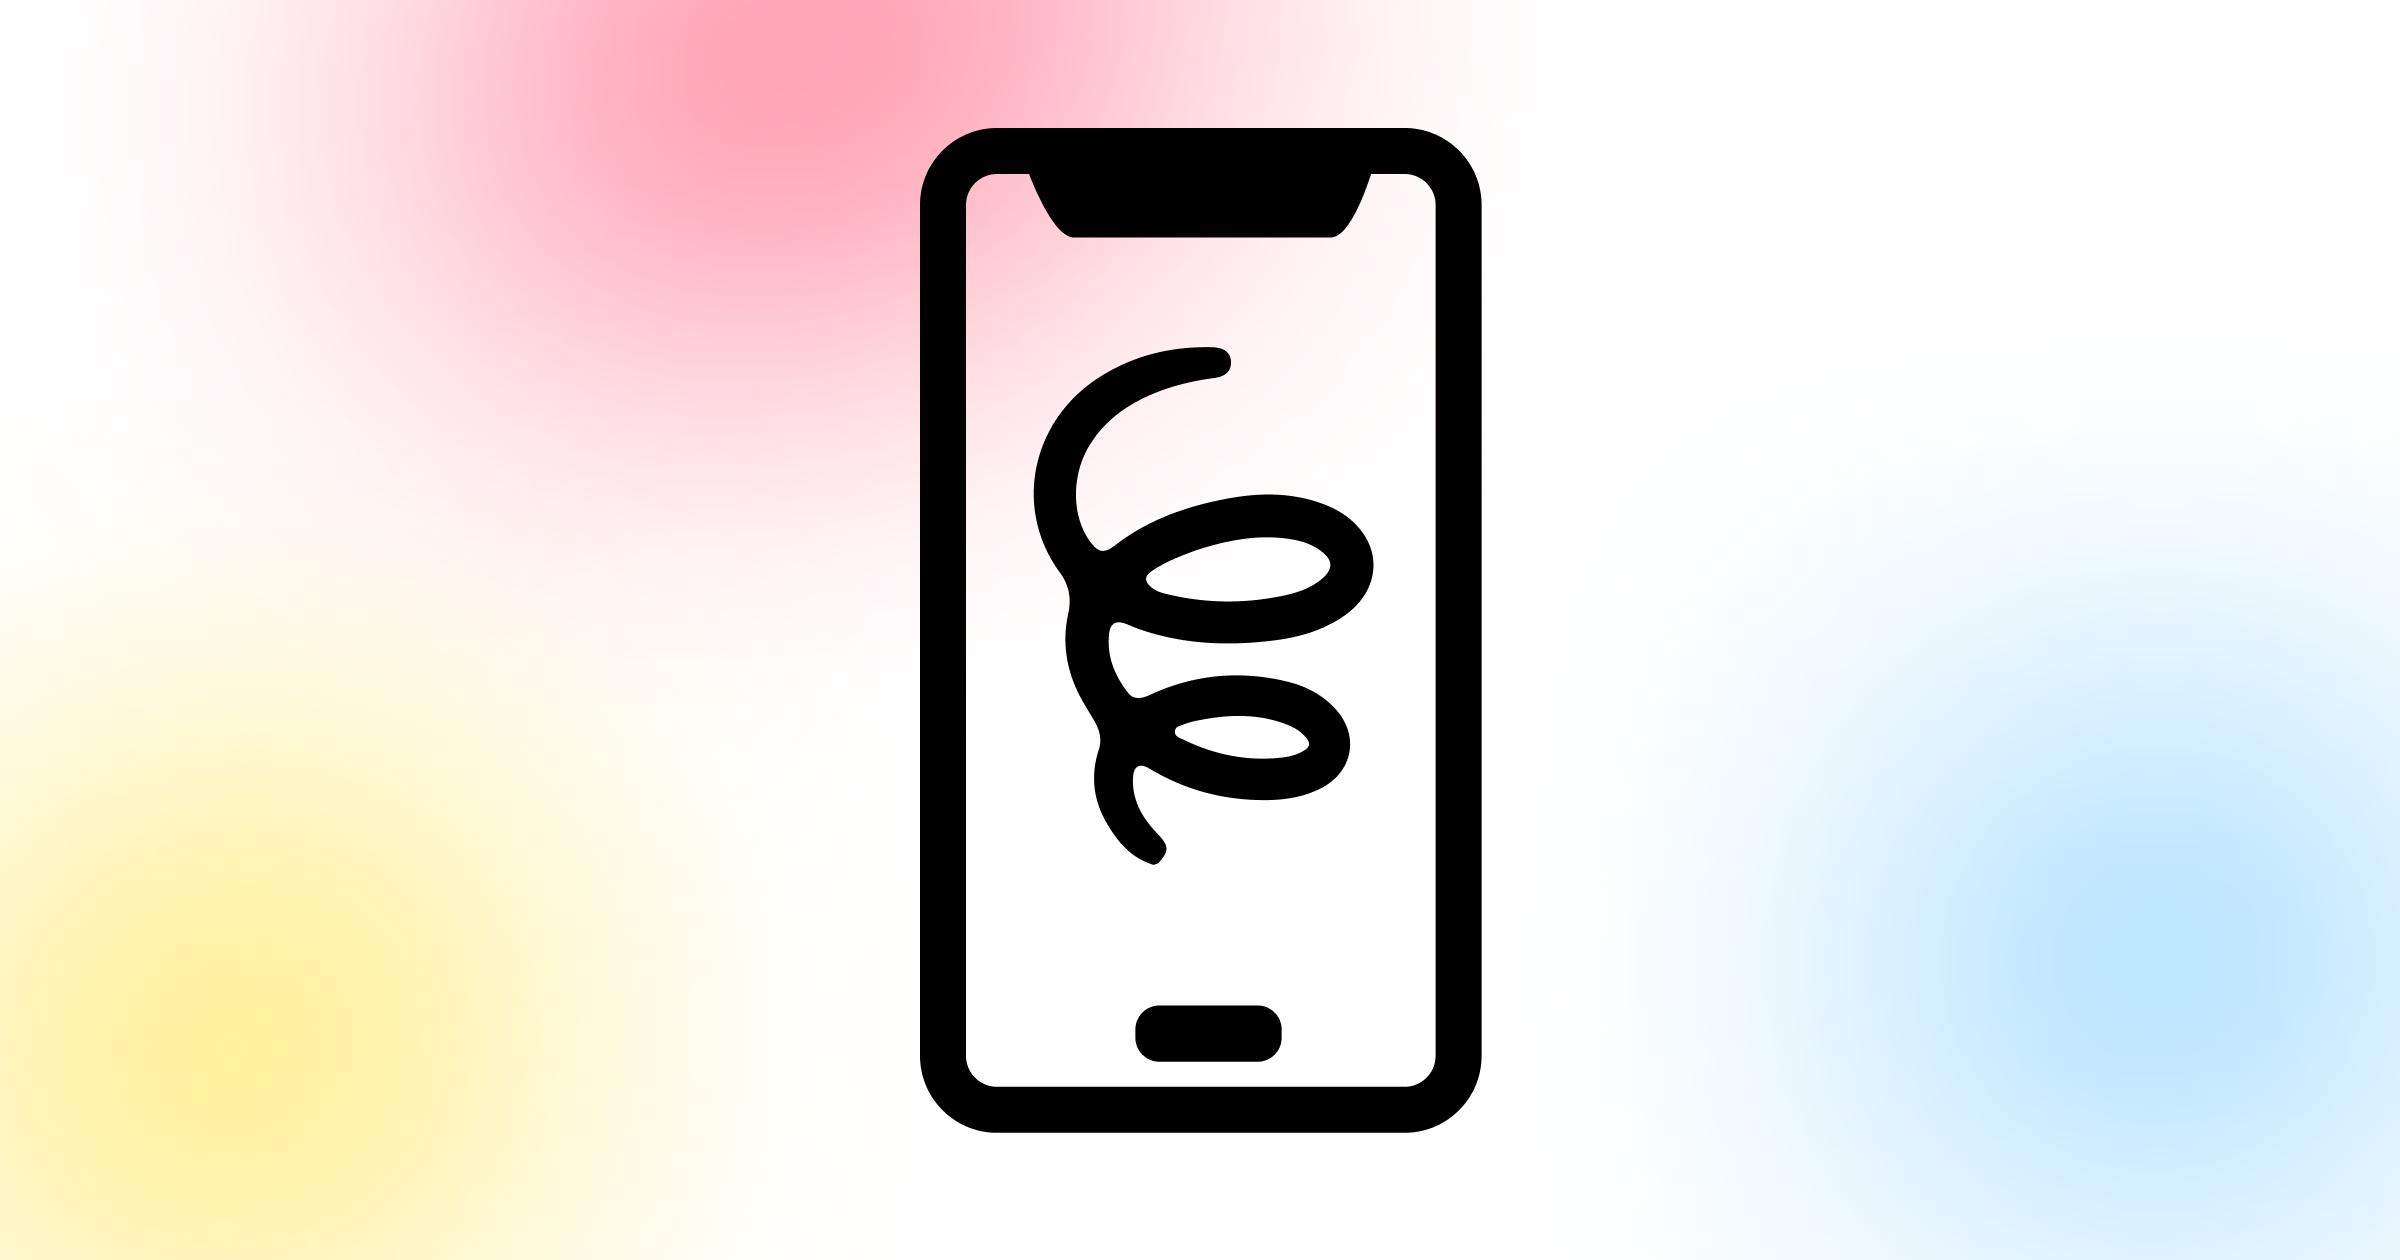 Créer une application mobile en 10 minutes grâce à Bravo Studio